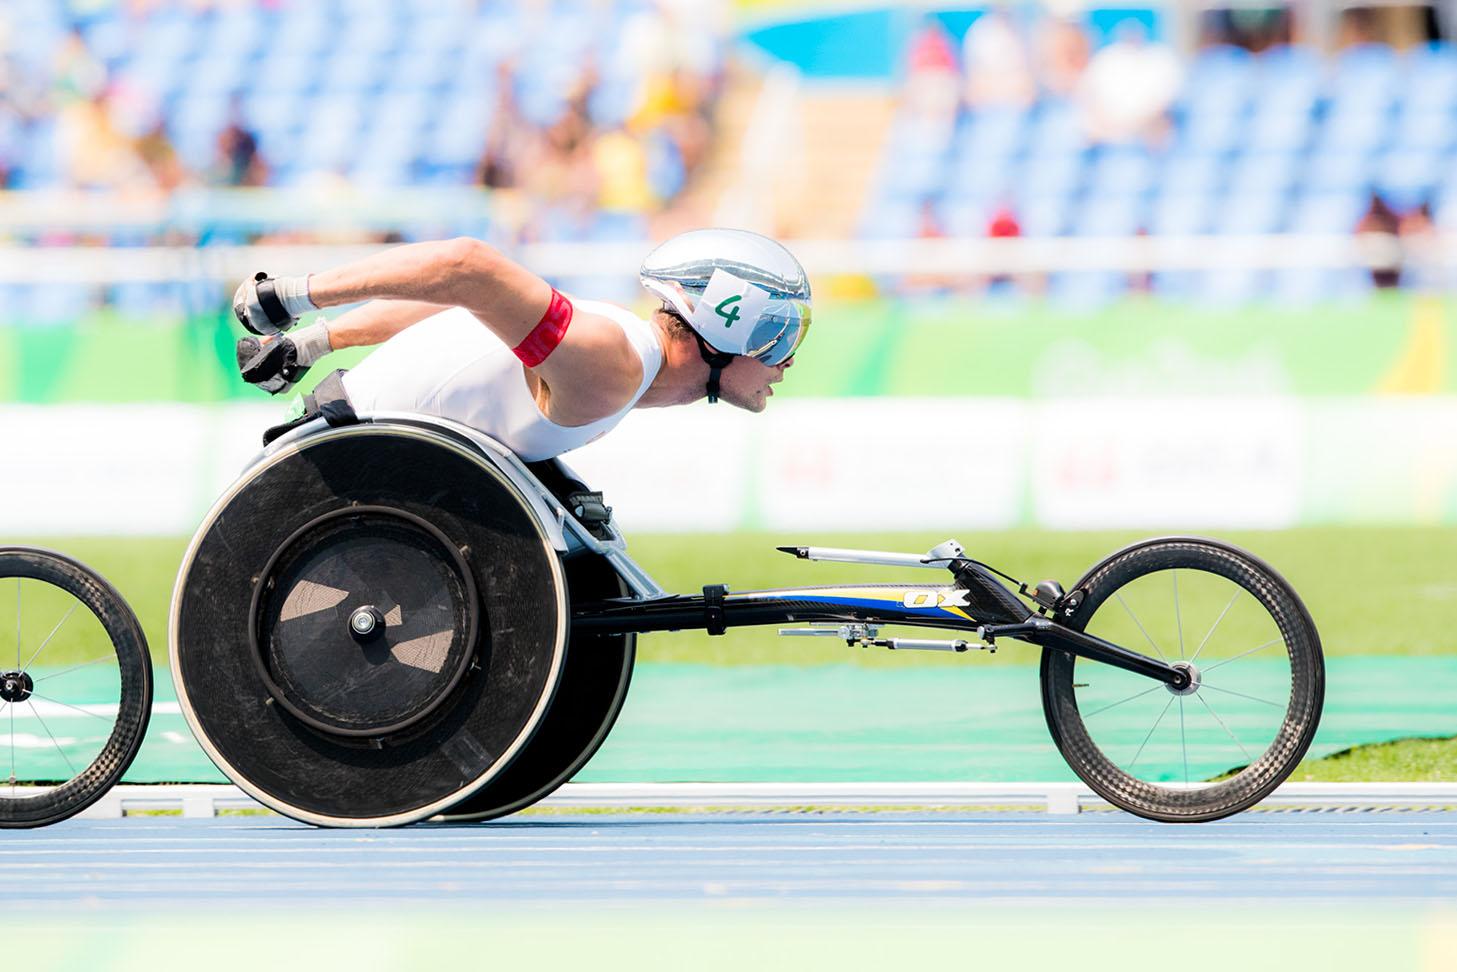 特徴あるヘルメットから「銀の弾丸」のニックネームを持つスイスのマルセル・フグ。リオデジャネイロパラリンピックではマラソンと800mで金メダルを獲得した(撮影:越智貴雄)